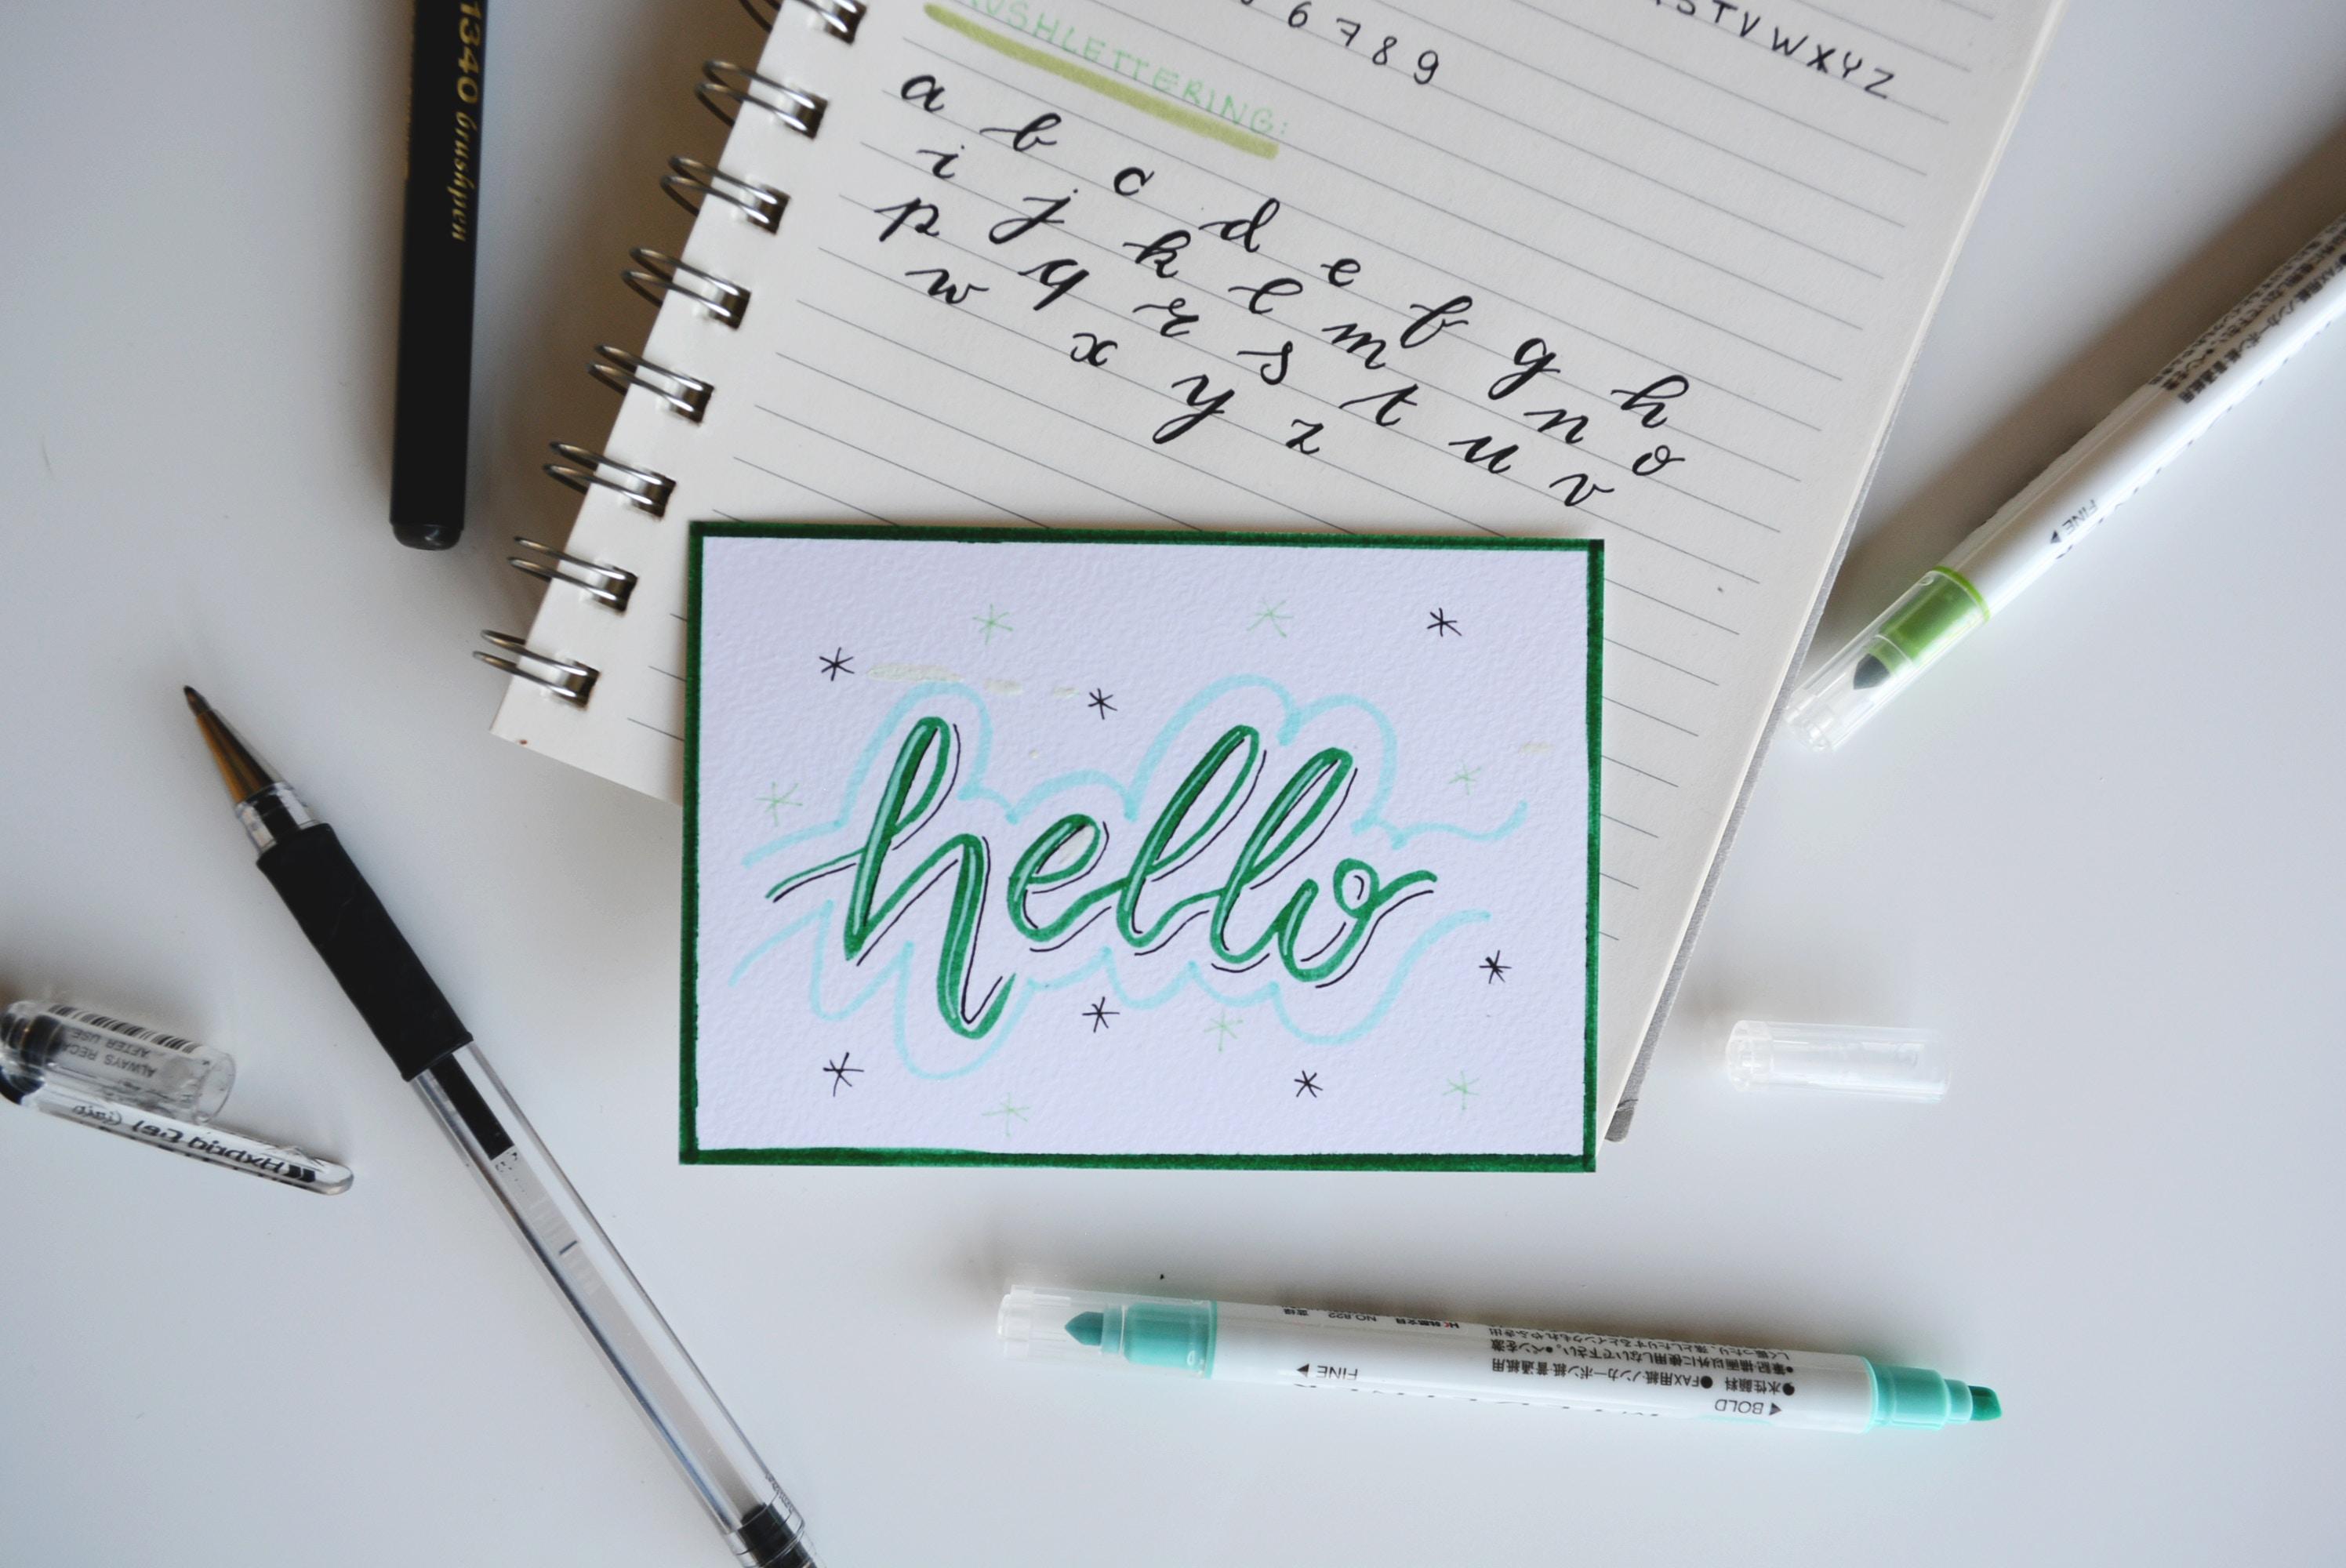 【ラクラク内定】エントリーシートの自己紹介は完結スッキリに書け!